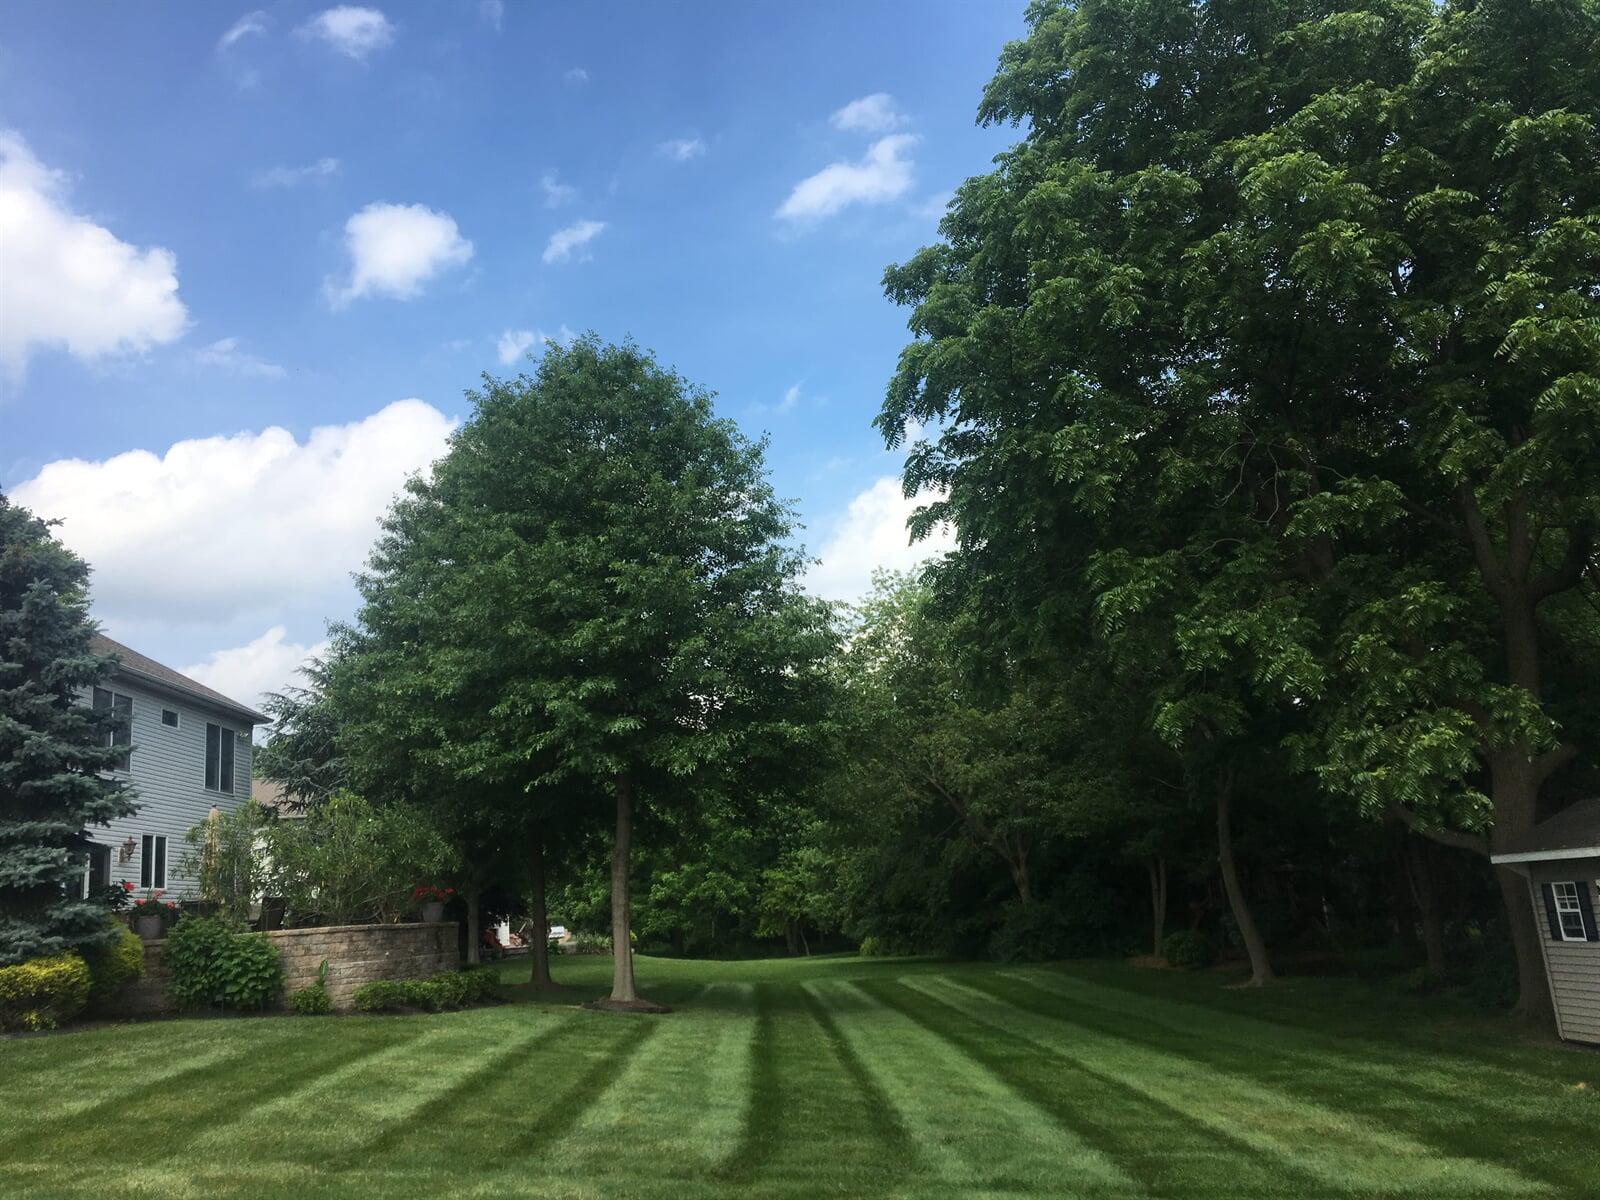 Fresh mowed lawn